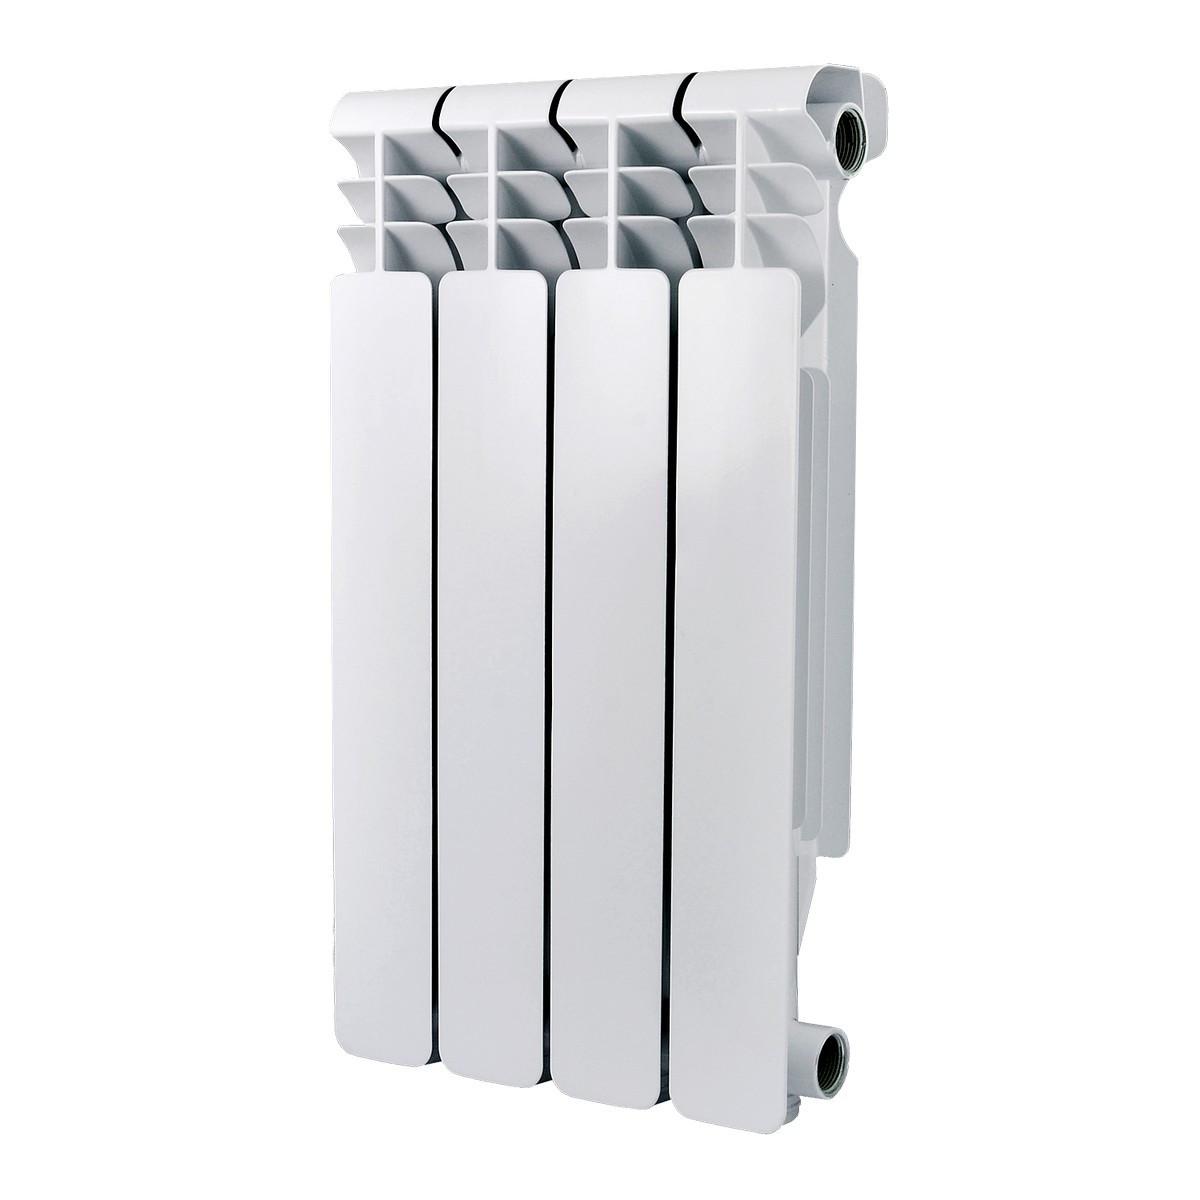 Радиатор алюминий Classic 500 8 секций Ogint 017-3776